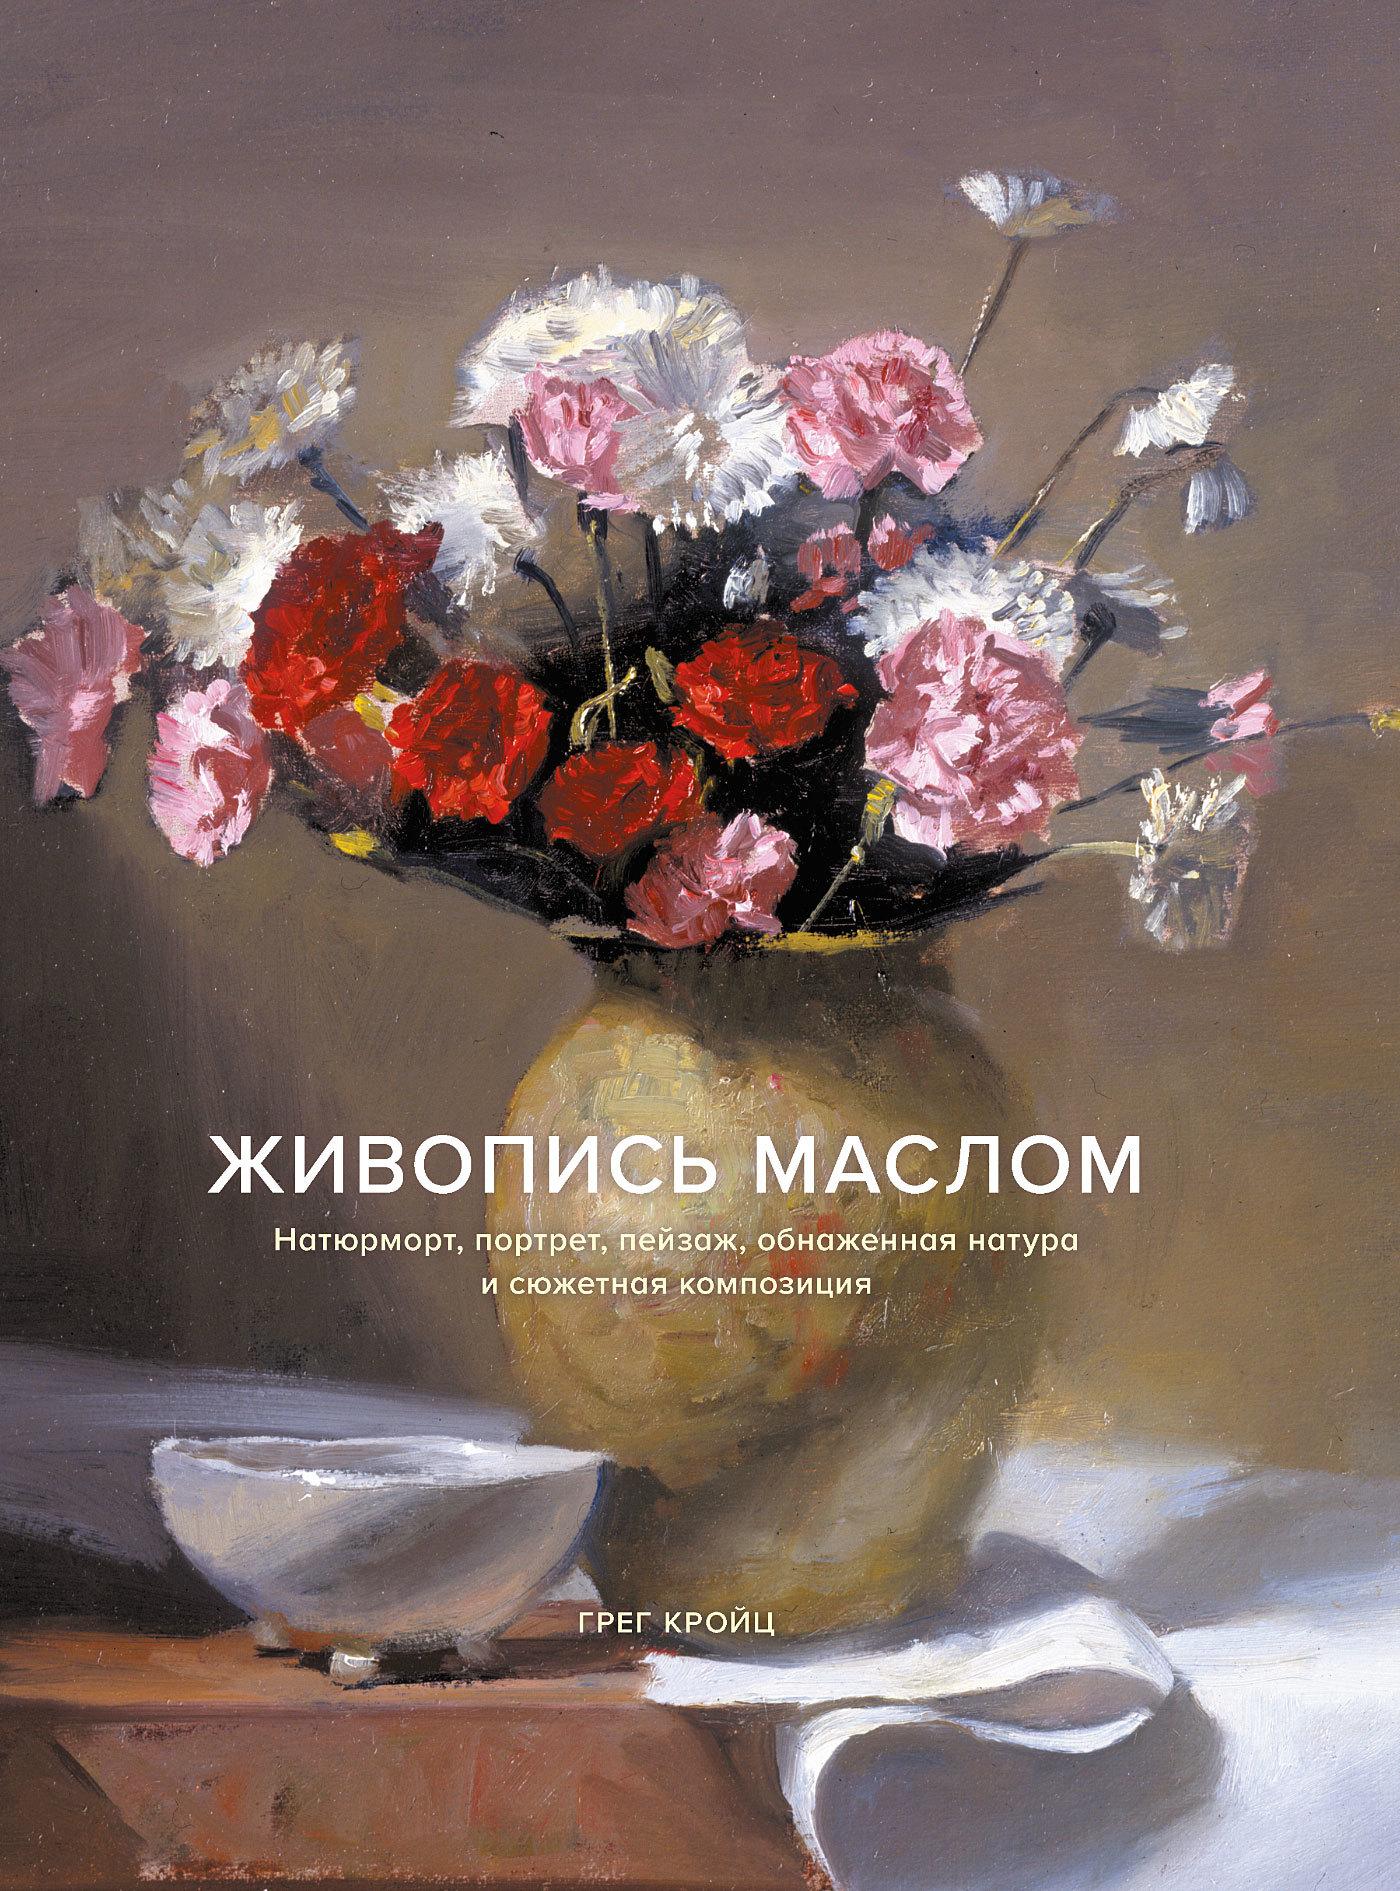 Грег Кройц. Живопись маслом. Натюрморт, портрет, пейзаж, обнаженная натура и сюжетная композиция